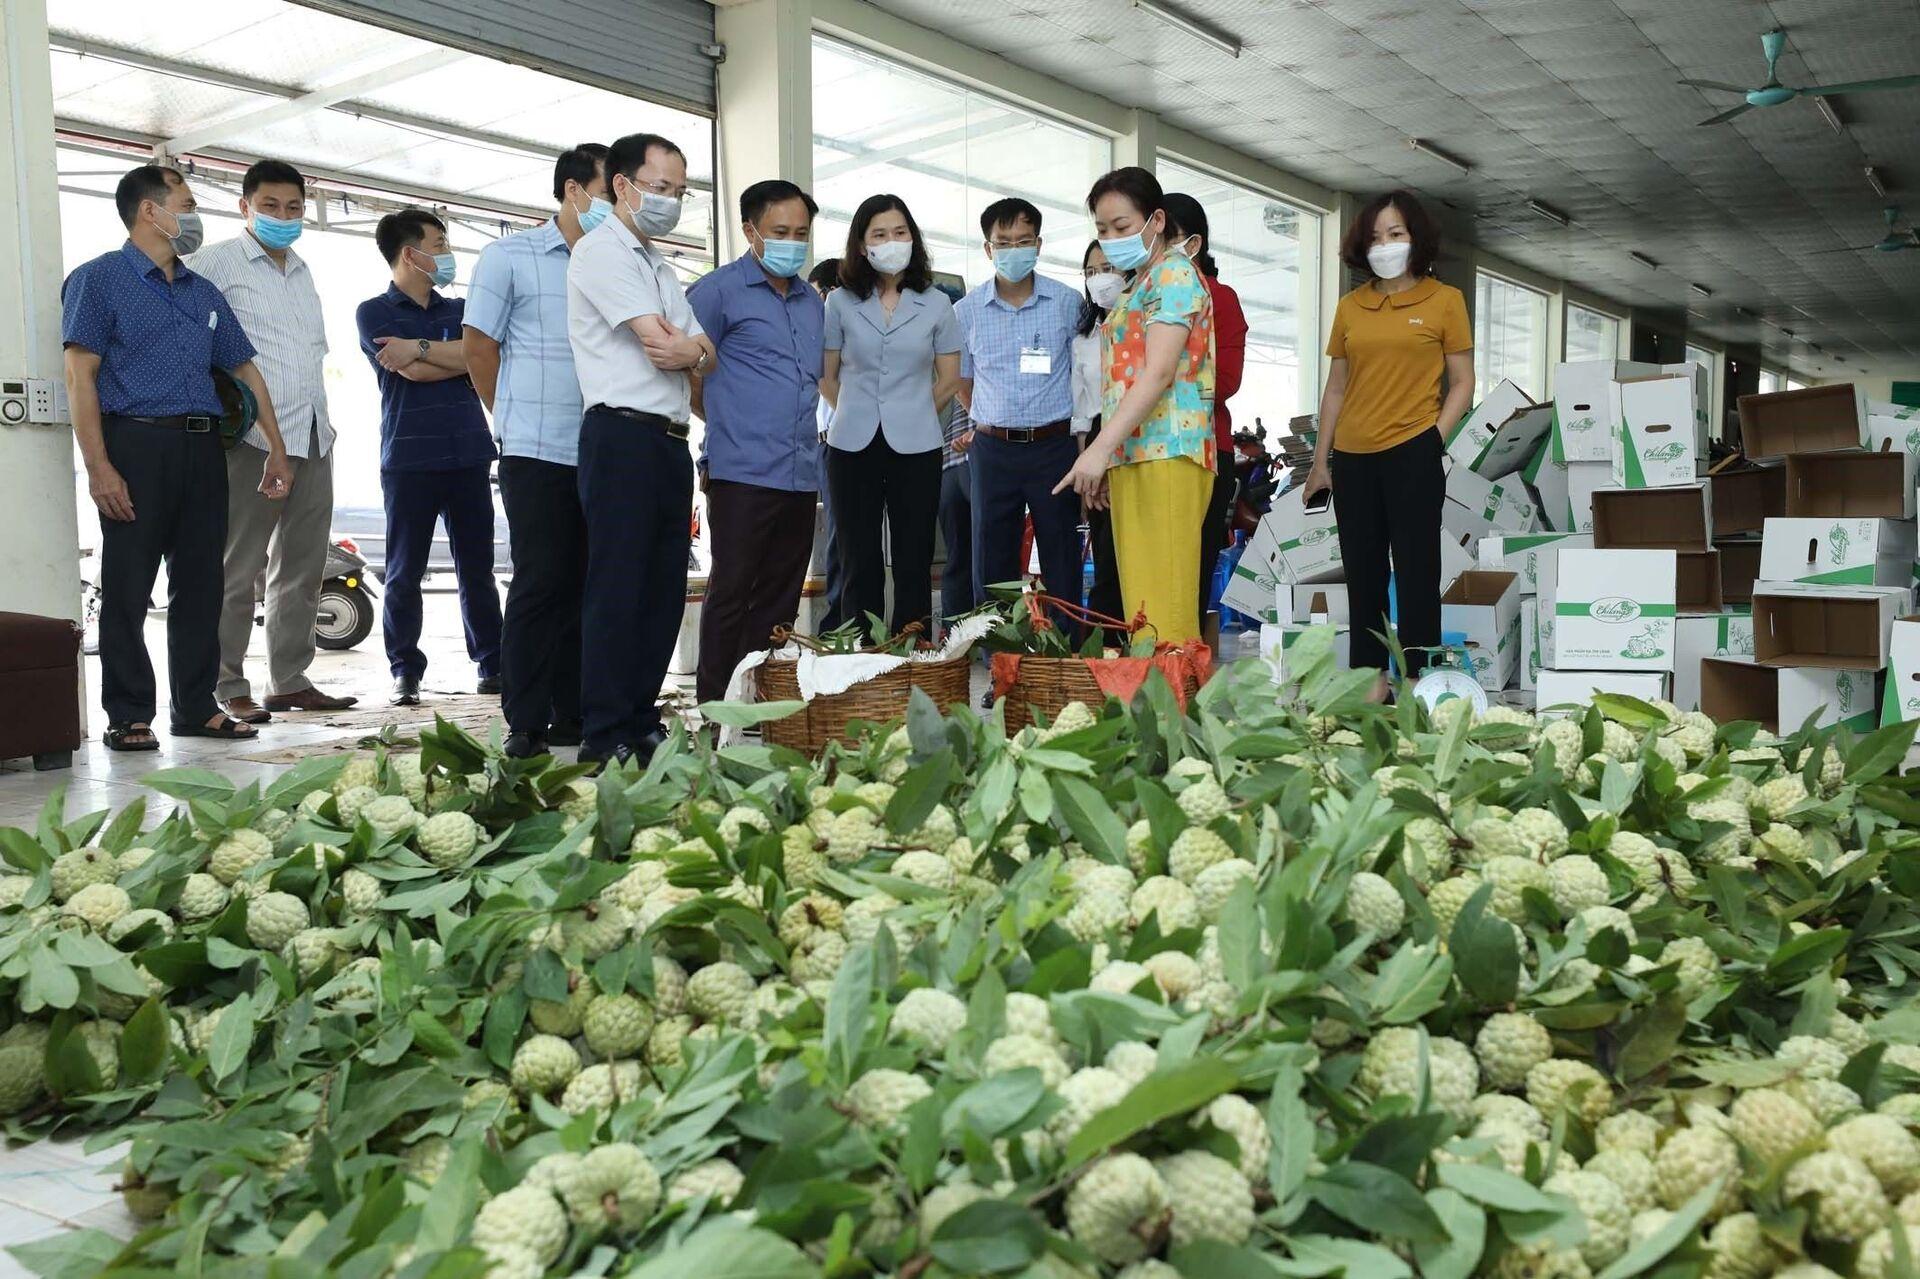 Hiện nay, na tiêu chuẩn VietGAP của Hợp tác xã nông sản huyện Chi Lăng đã bắt đầu cho thu hoạch nhưng việc tiêu thụ bị ảnh hưởng do dịch COVID-19. - Sputnik Việt Nam, 1920, 05.10.2021